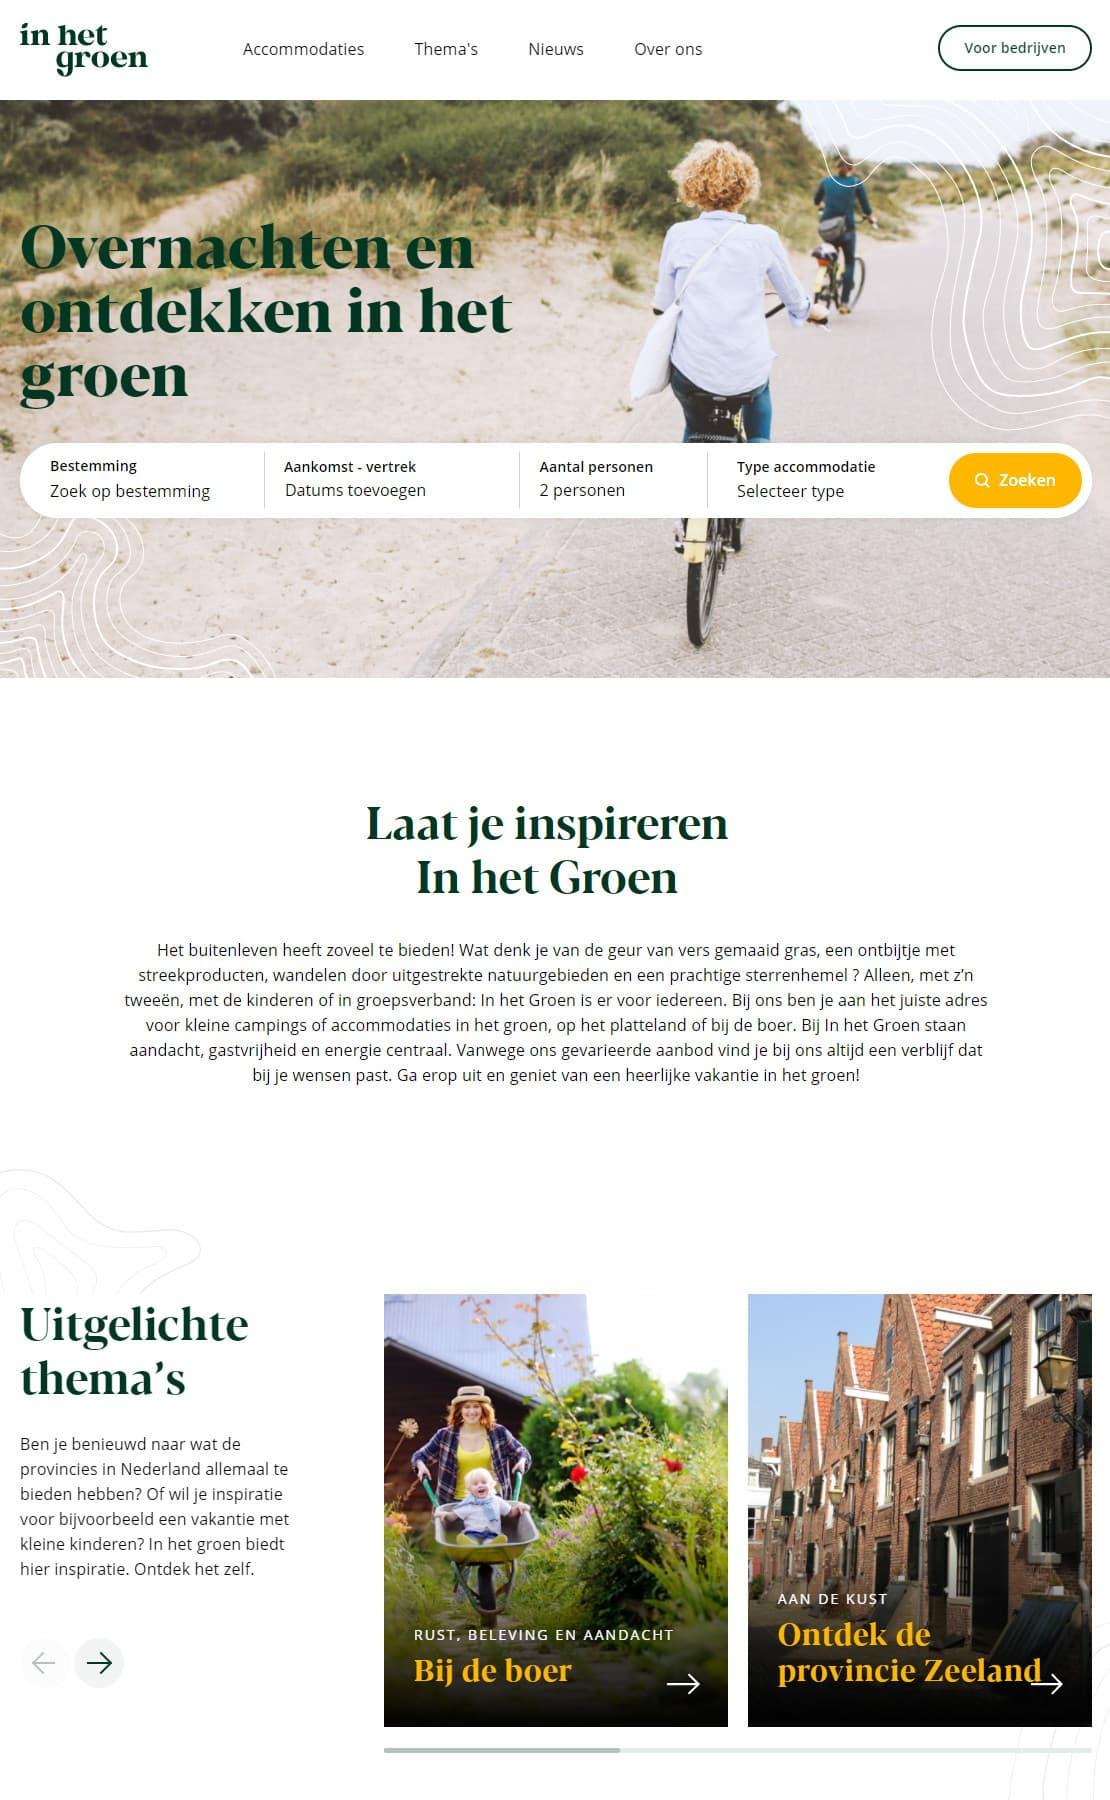 In het Groen